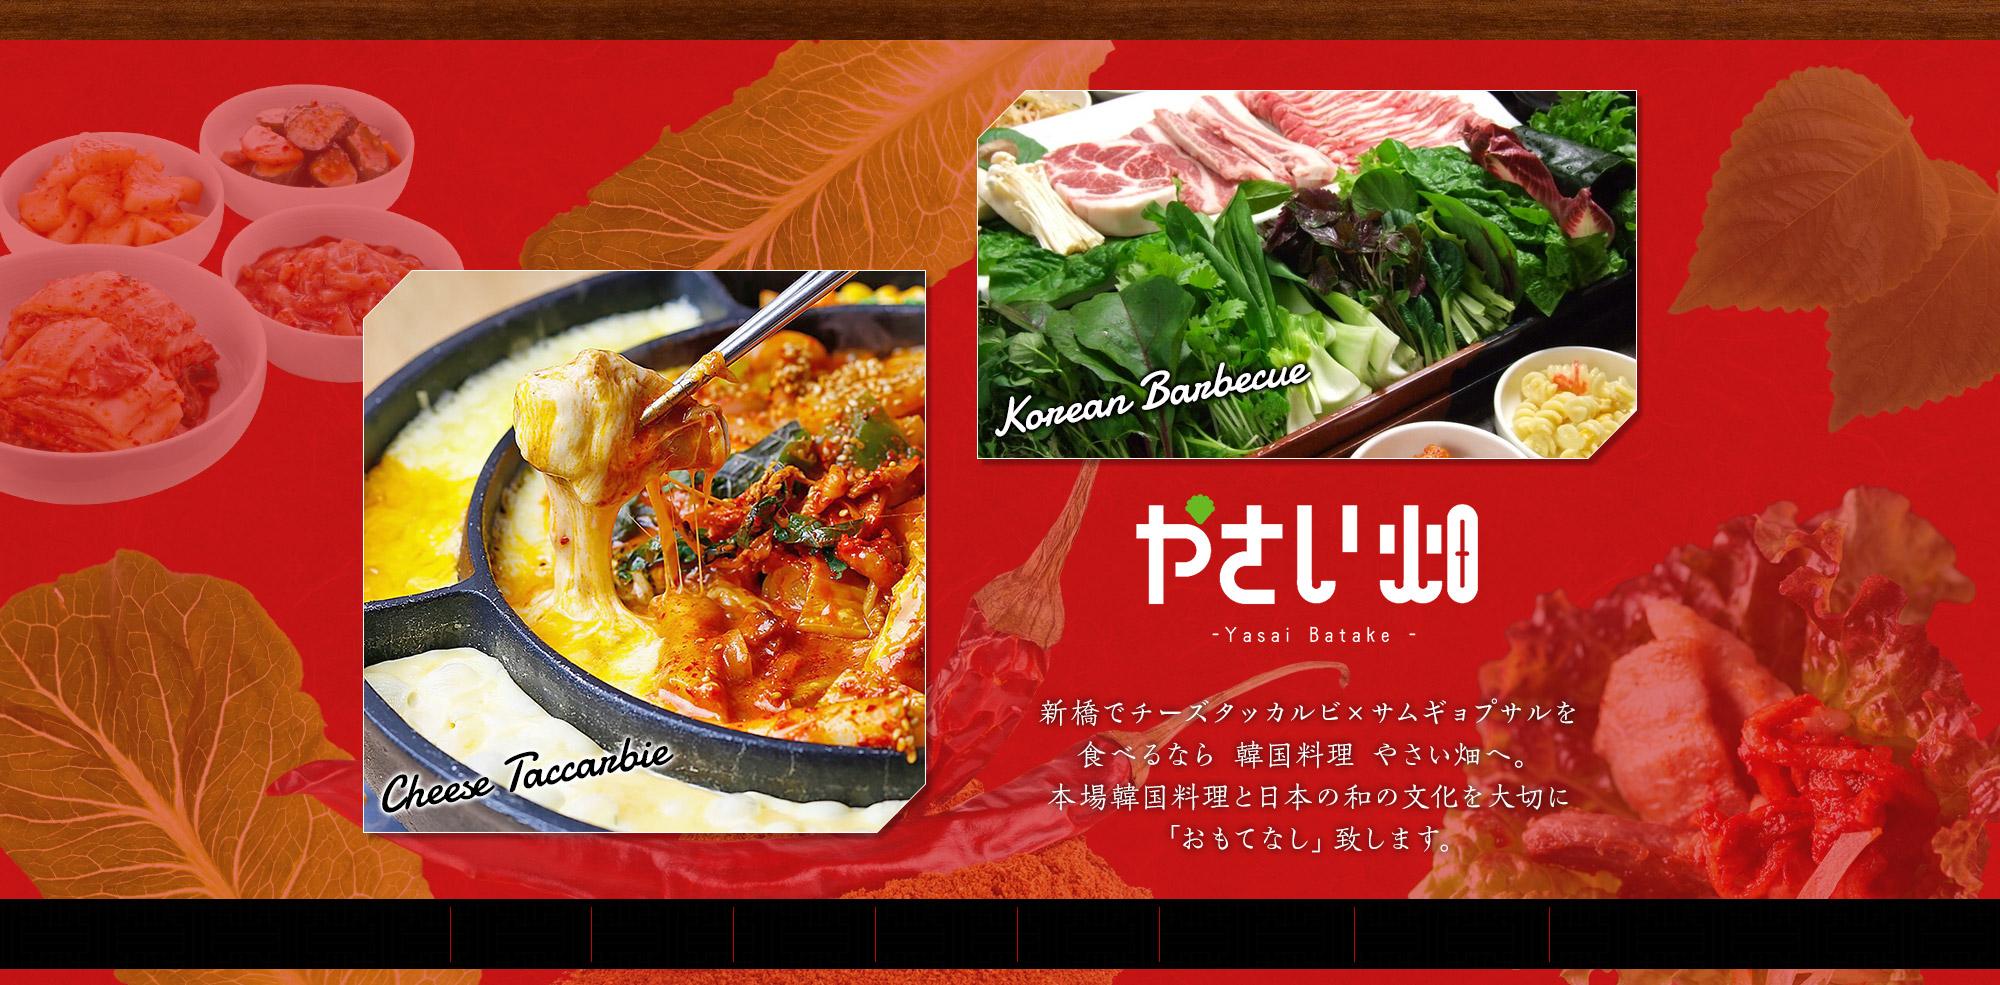 新橋でチーズタッカルビ×サムギョプサルを食べるなら韓国料理 やさい畑へ。本場韓国料理と日本の和の文化を大切に「おもてなし」致します。